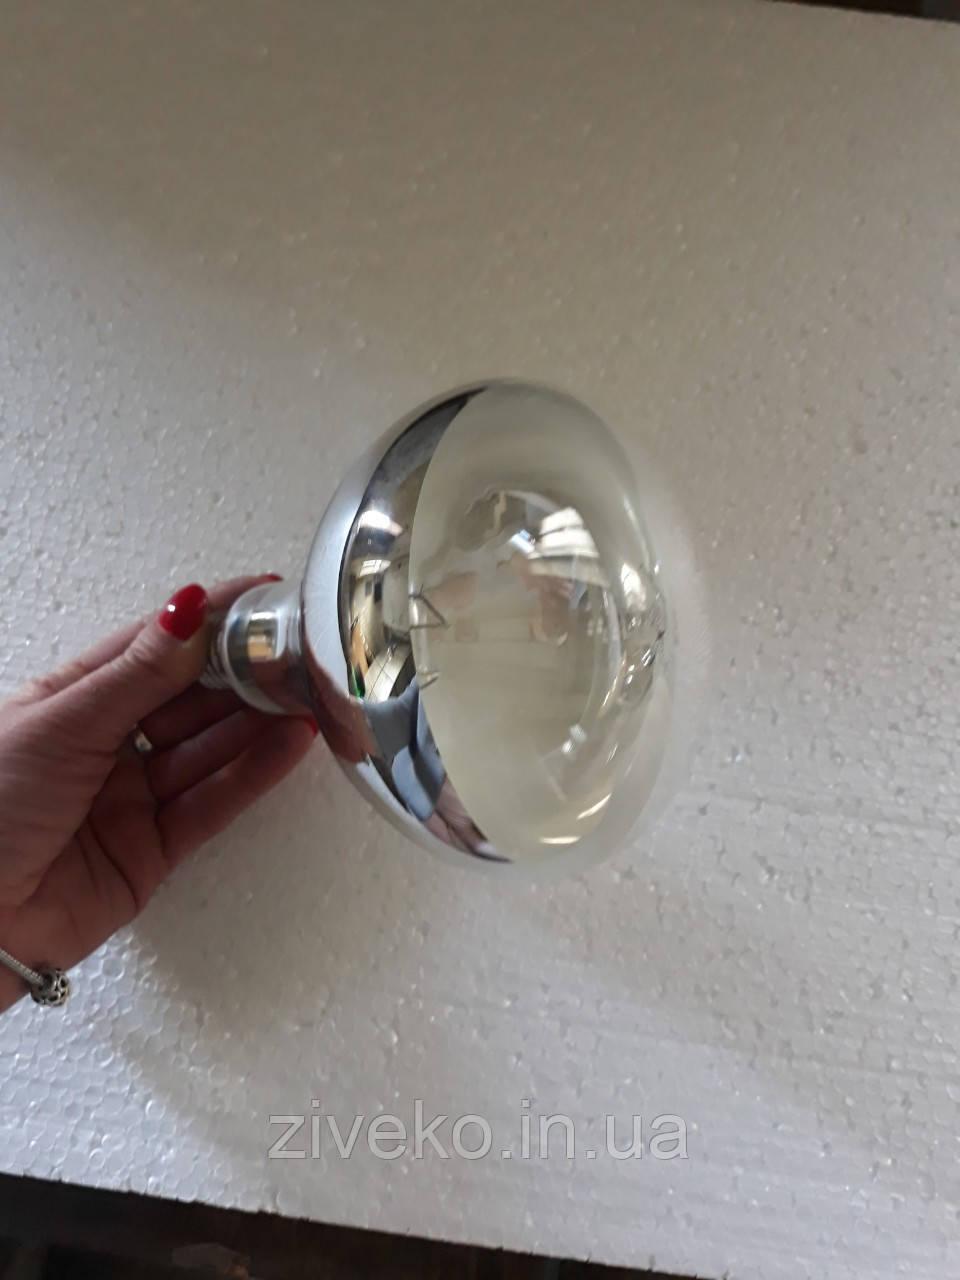 Лампа інфрачервона Lux Light IR R125  біла 250 Вт